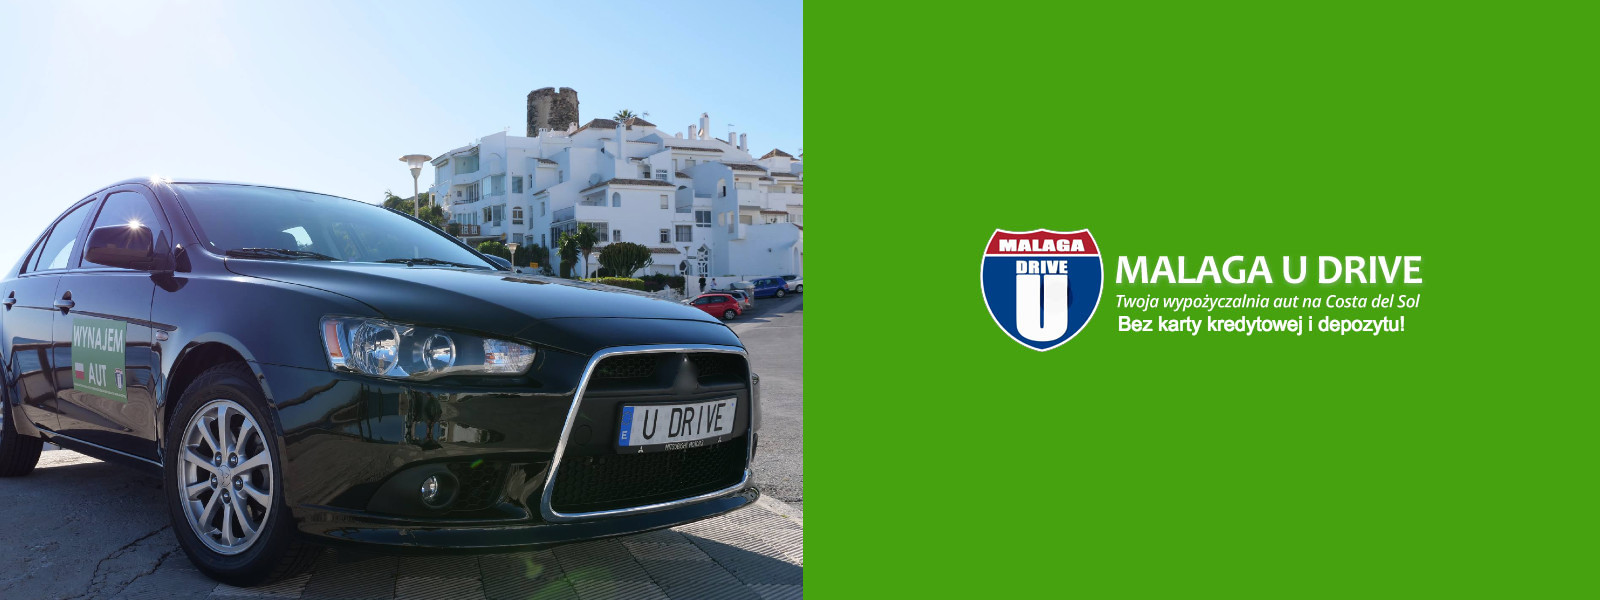 Malaga-wypożyczalnia aut bez karty kredytowej